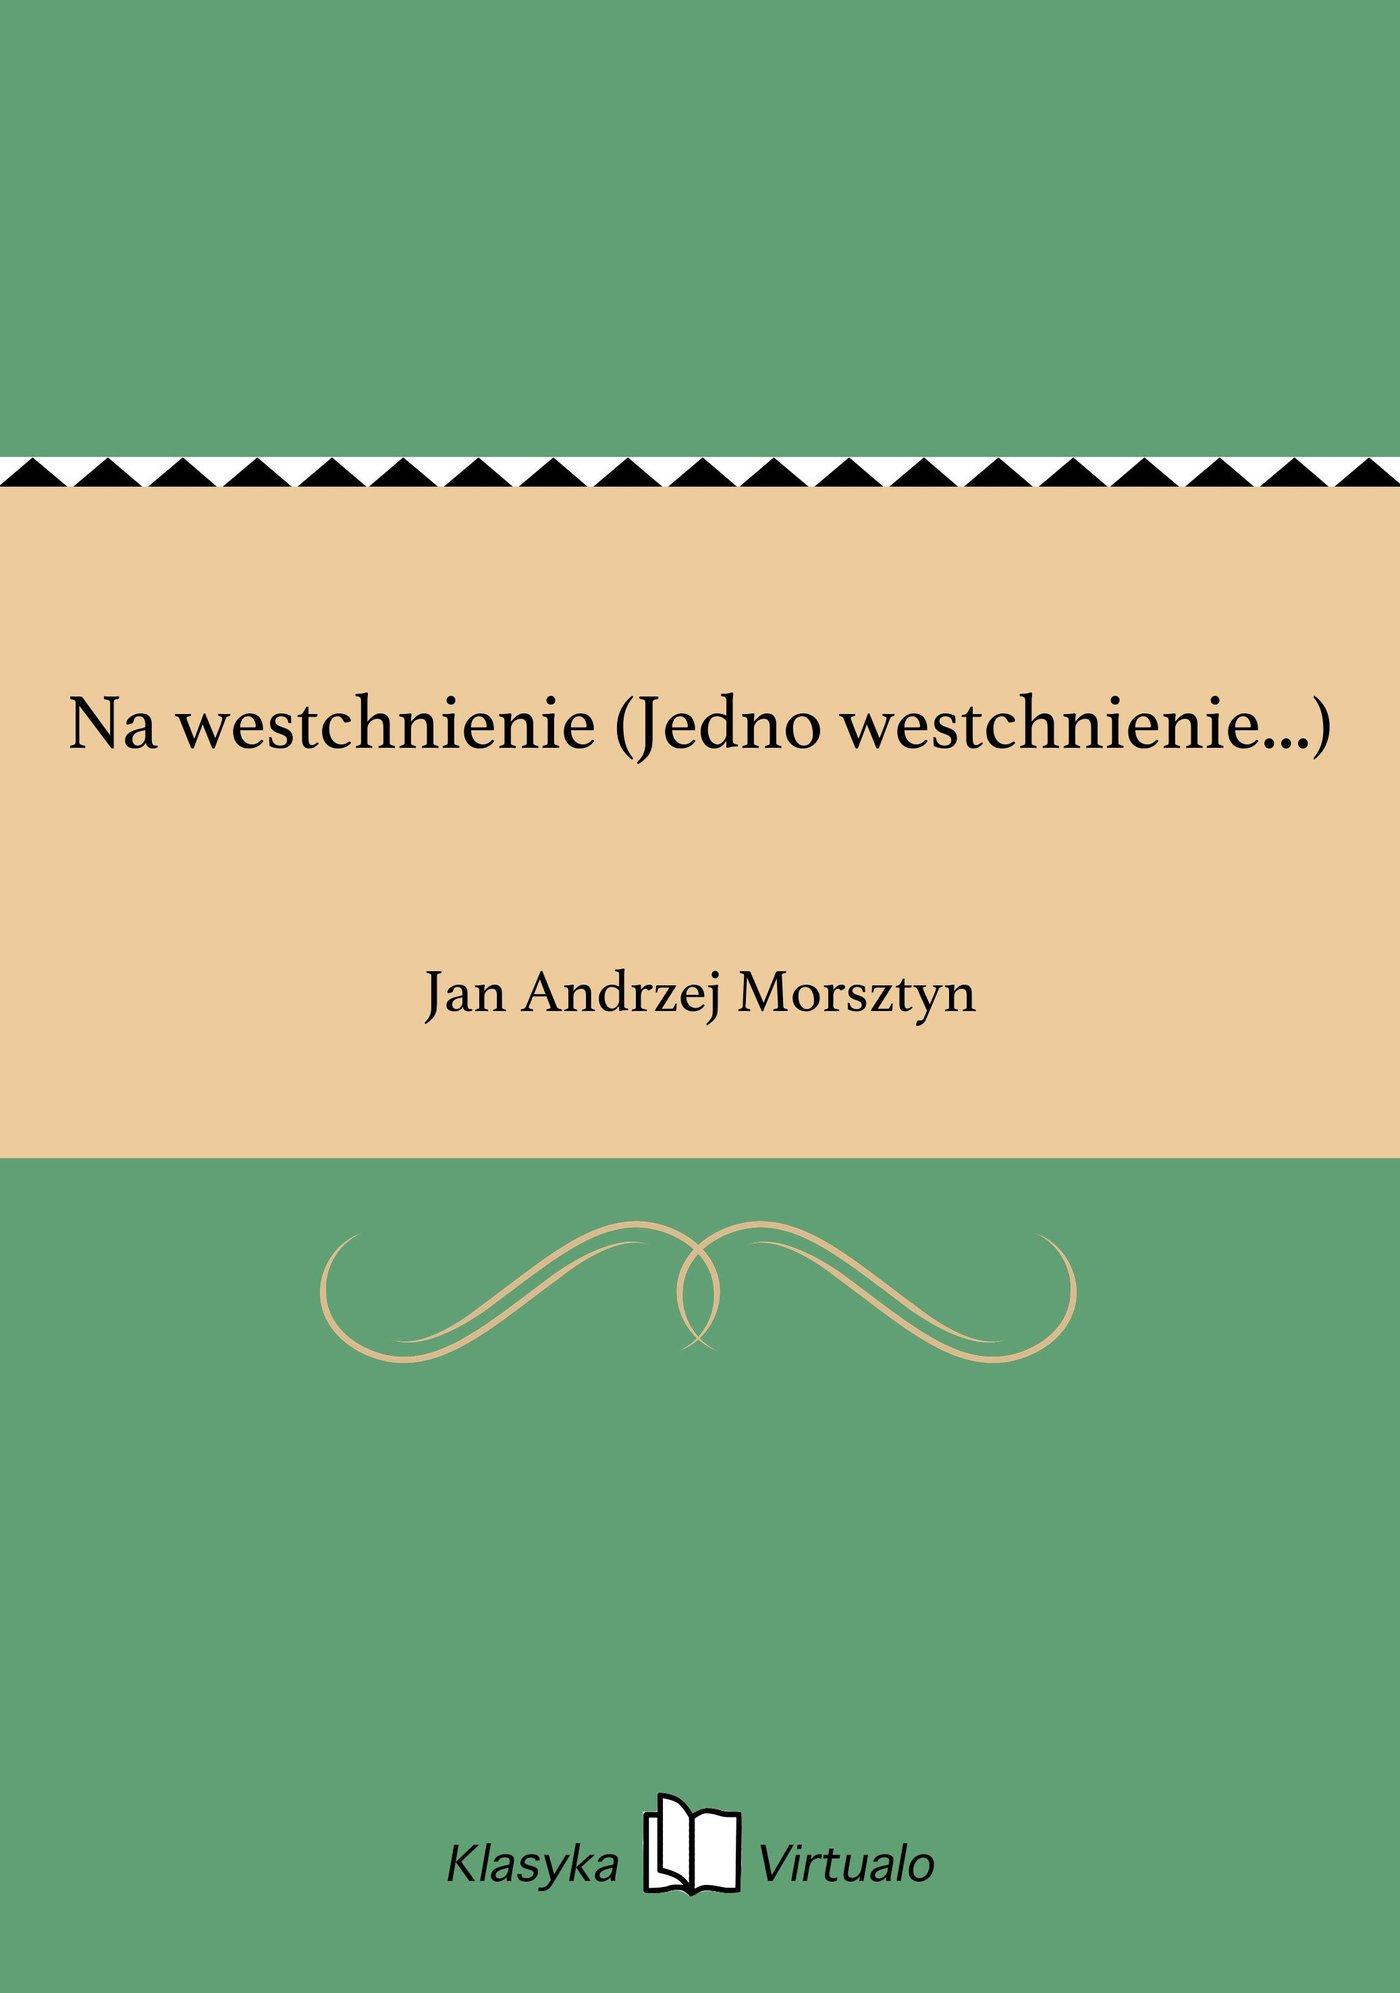 Na westchnienie (Jedno westchnienie...) - Ebook (Książka EPUB) do pobrania w formacie EPUB